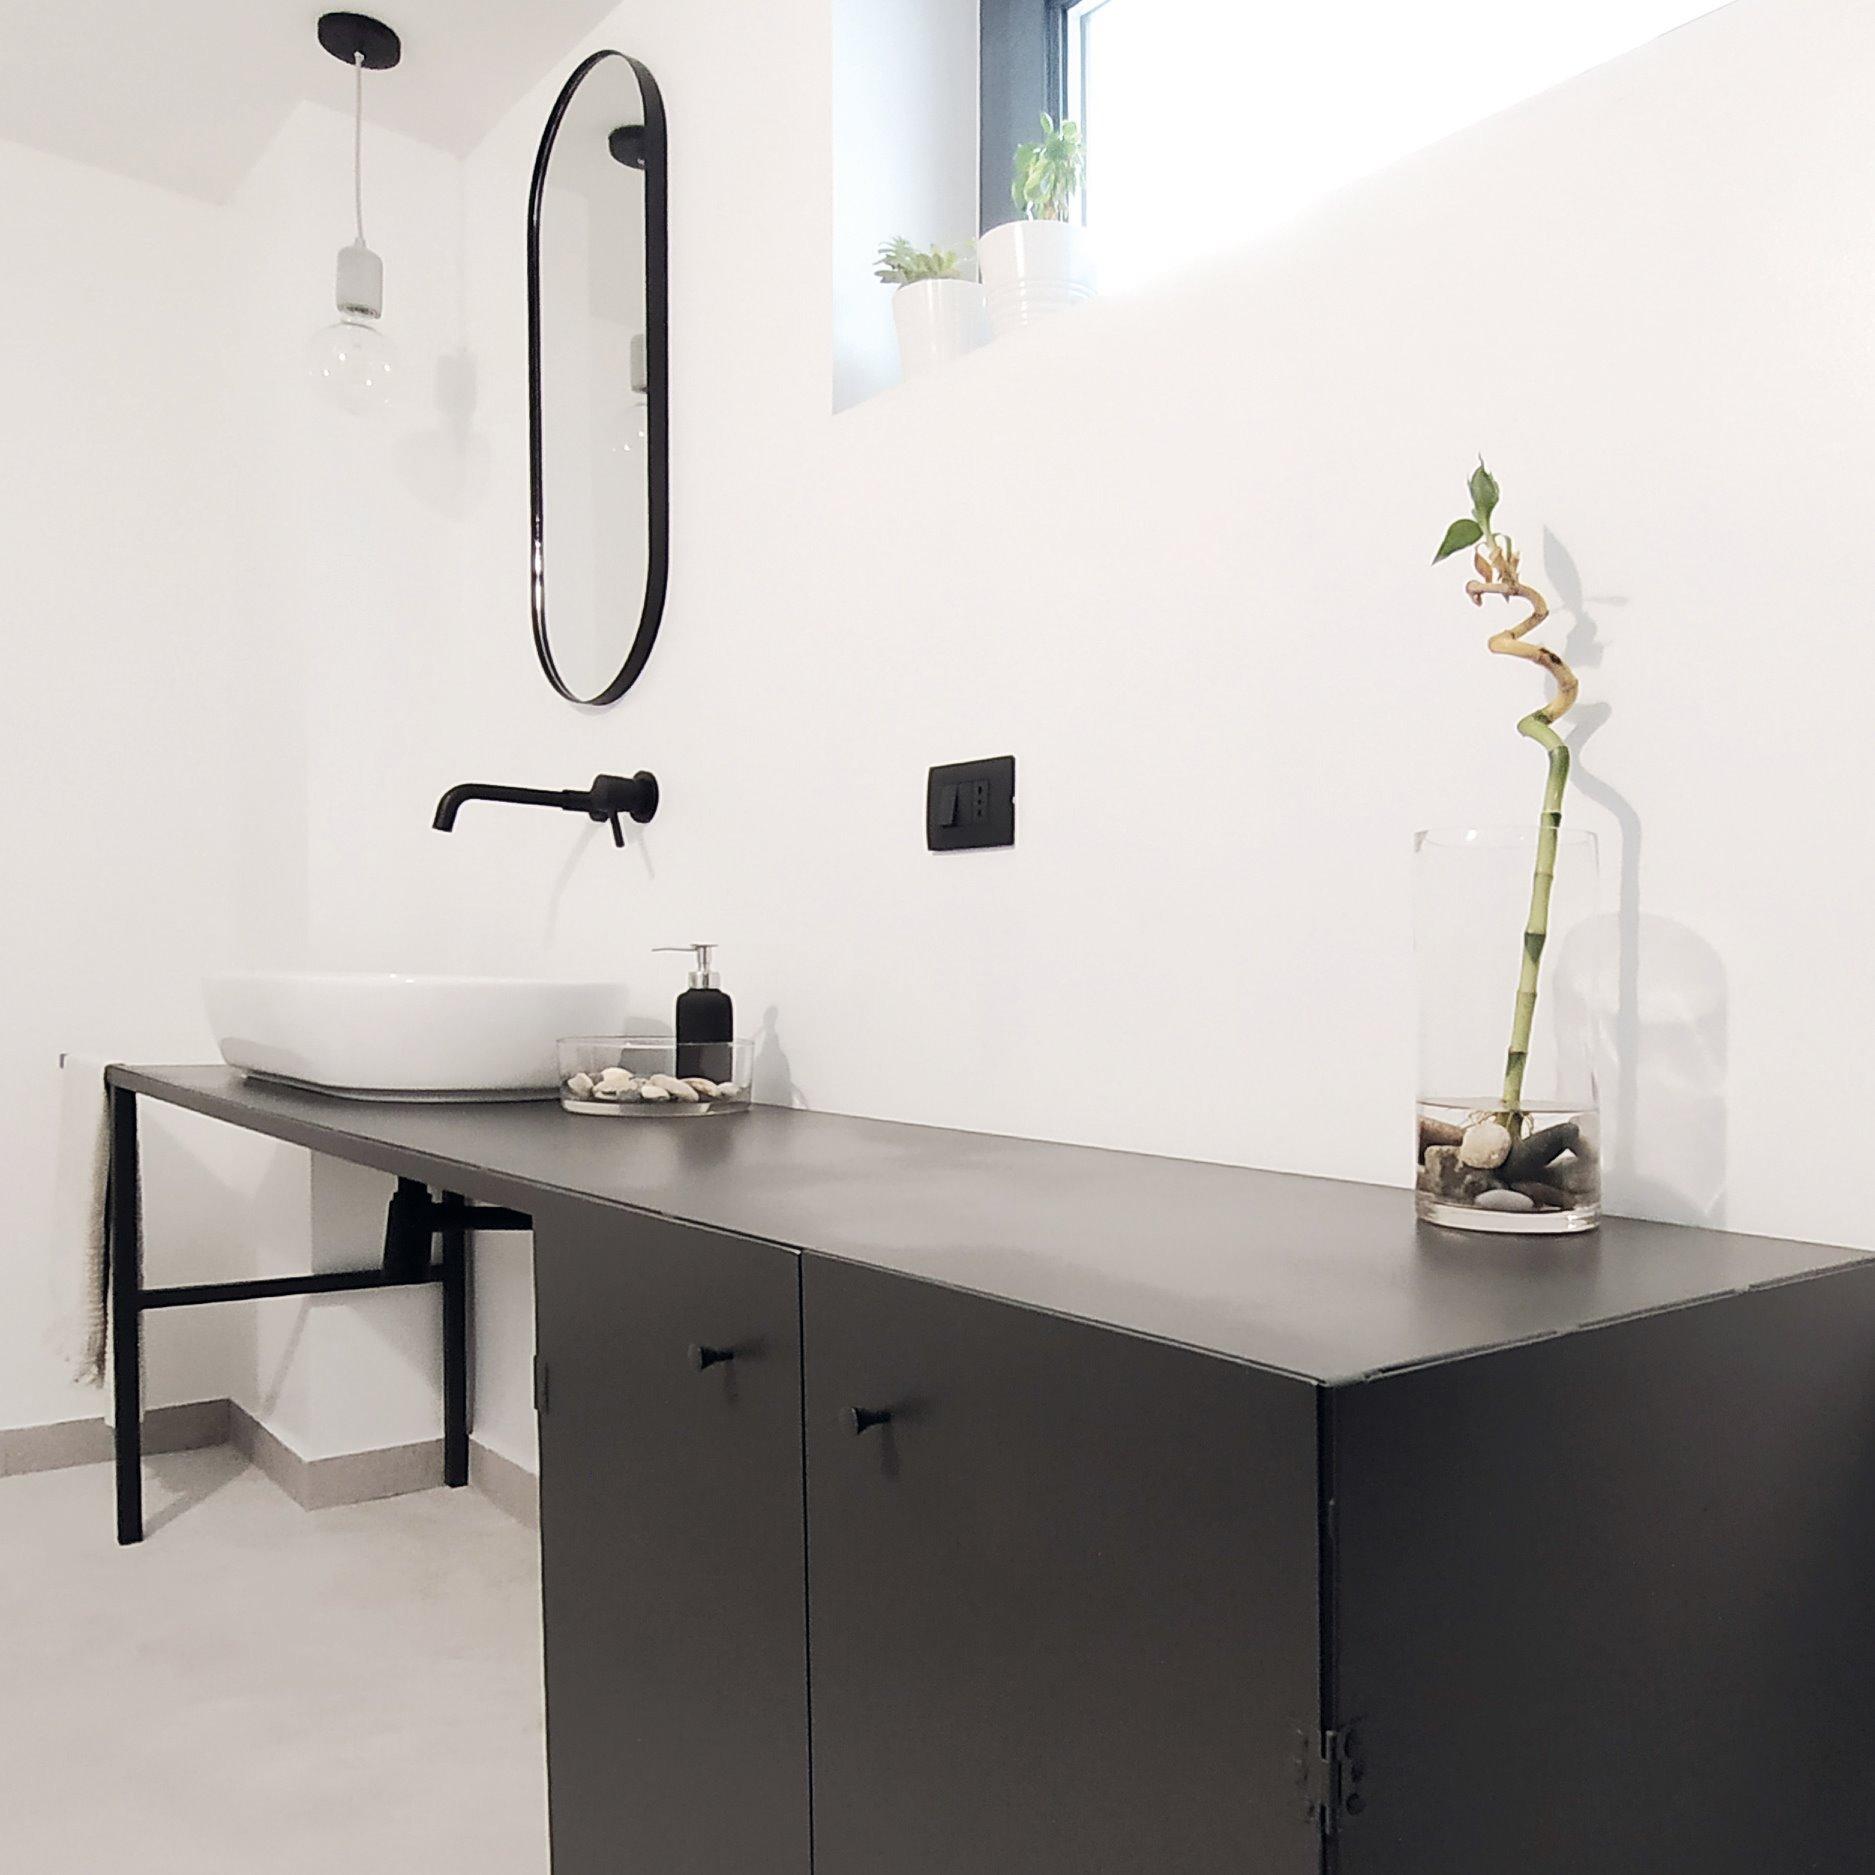 Che mobile scelgo per il bagno?